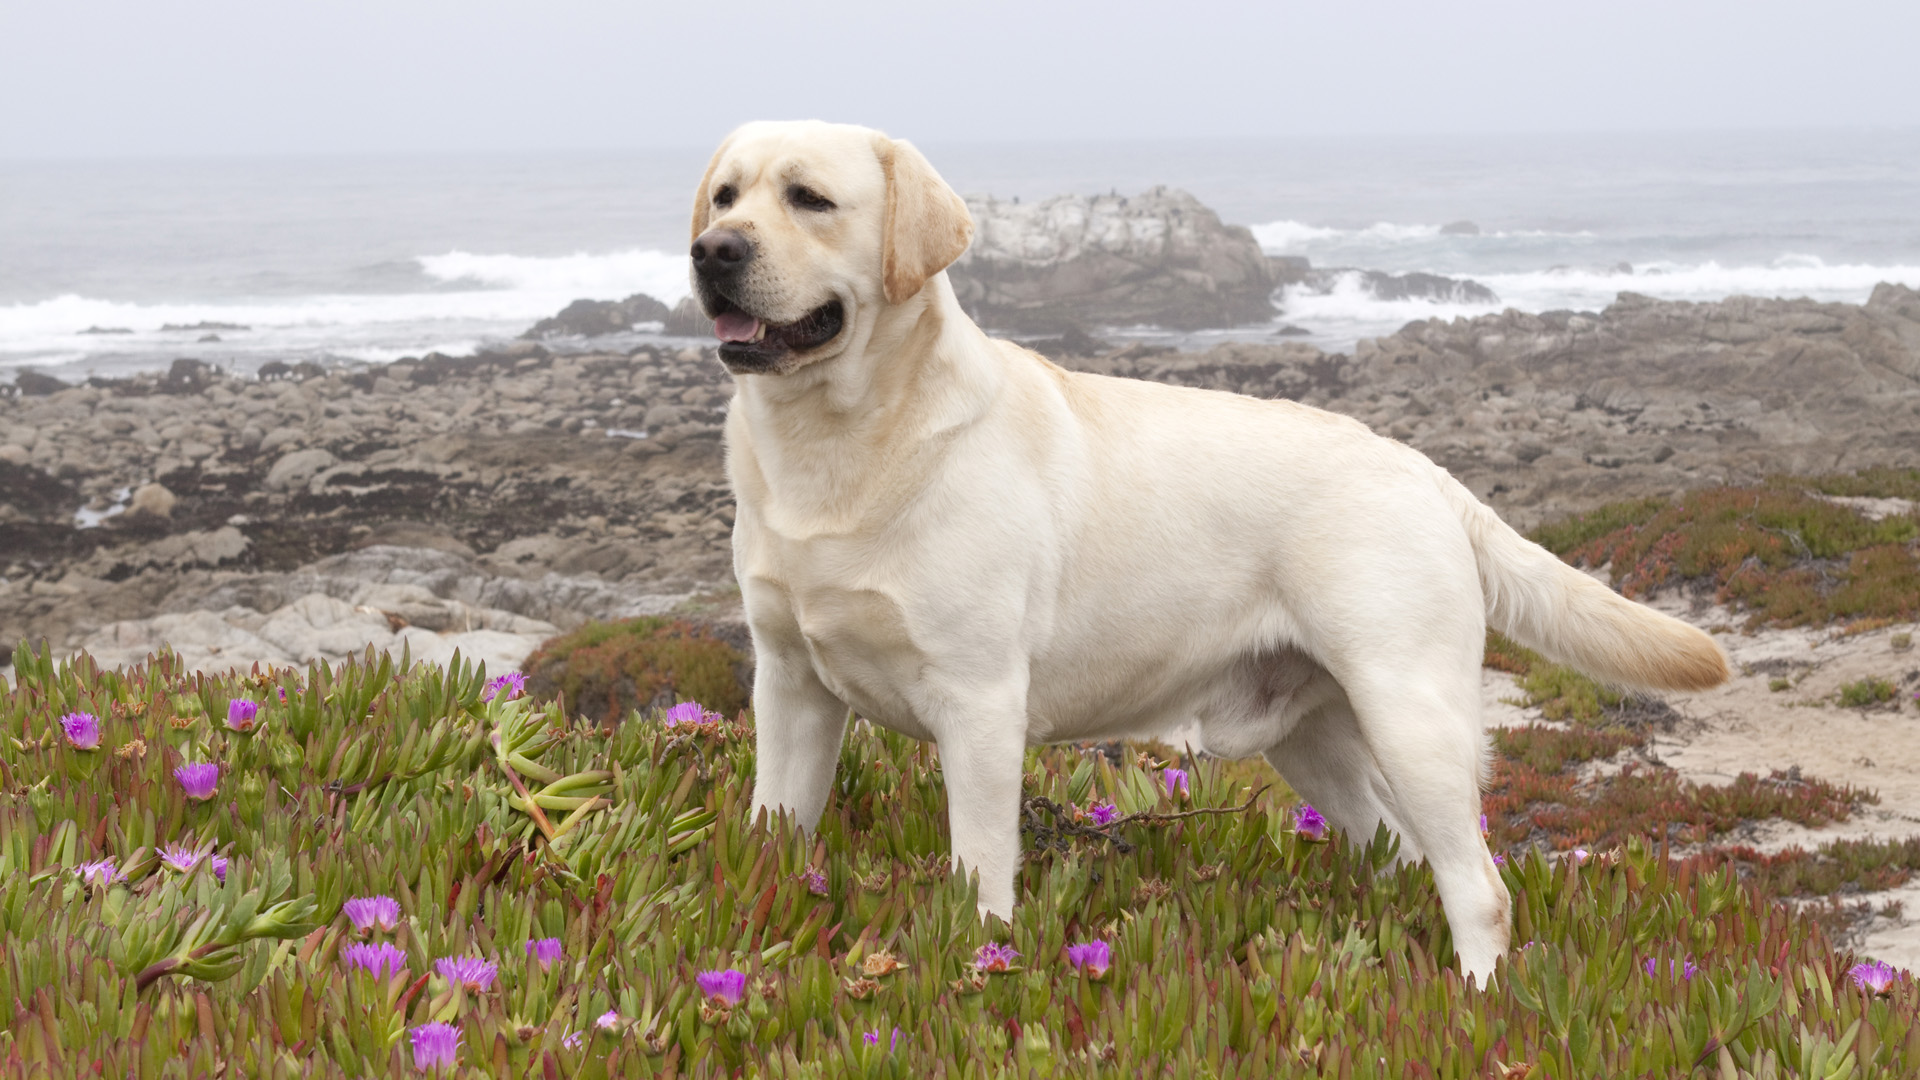 Peculiar Names Labrador Retriever Image Gallery Labrador Retriever Dog Photos Dogexpress Big Dog Breeds Large Dog Breeds S bark post Big White Dog Breeds